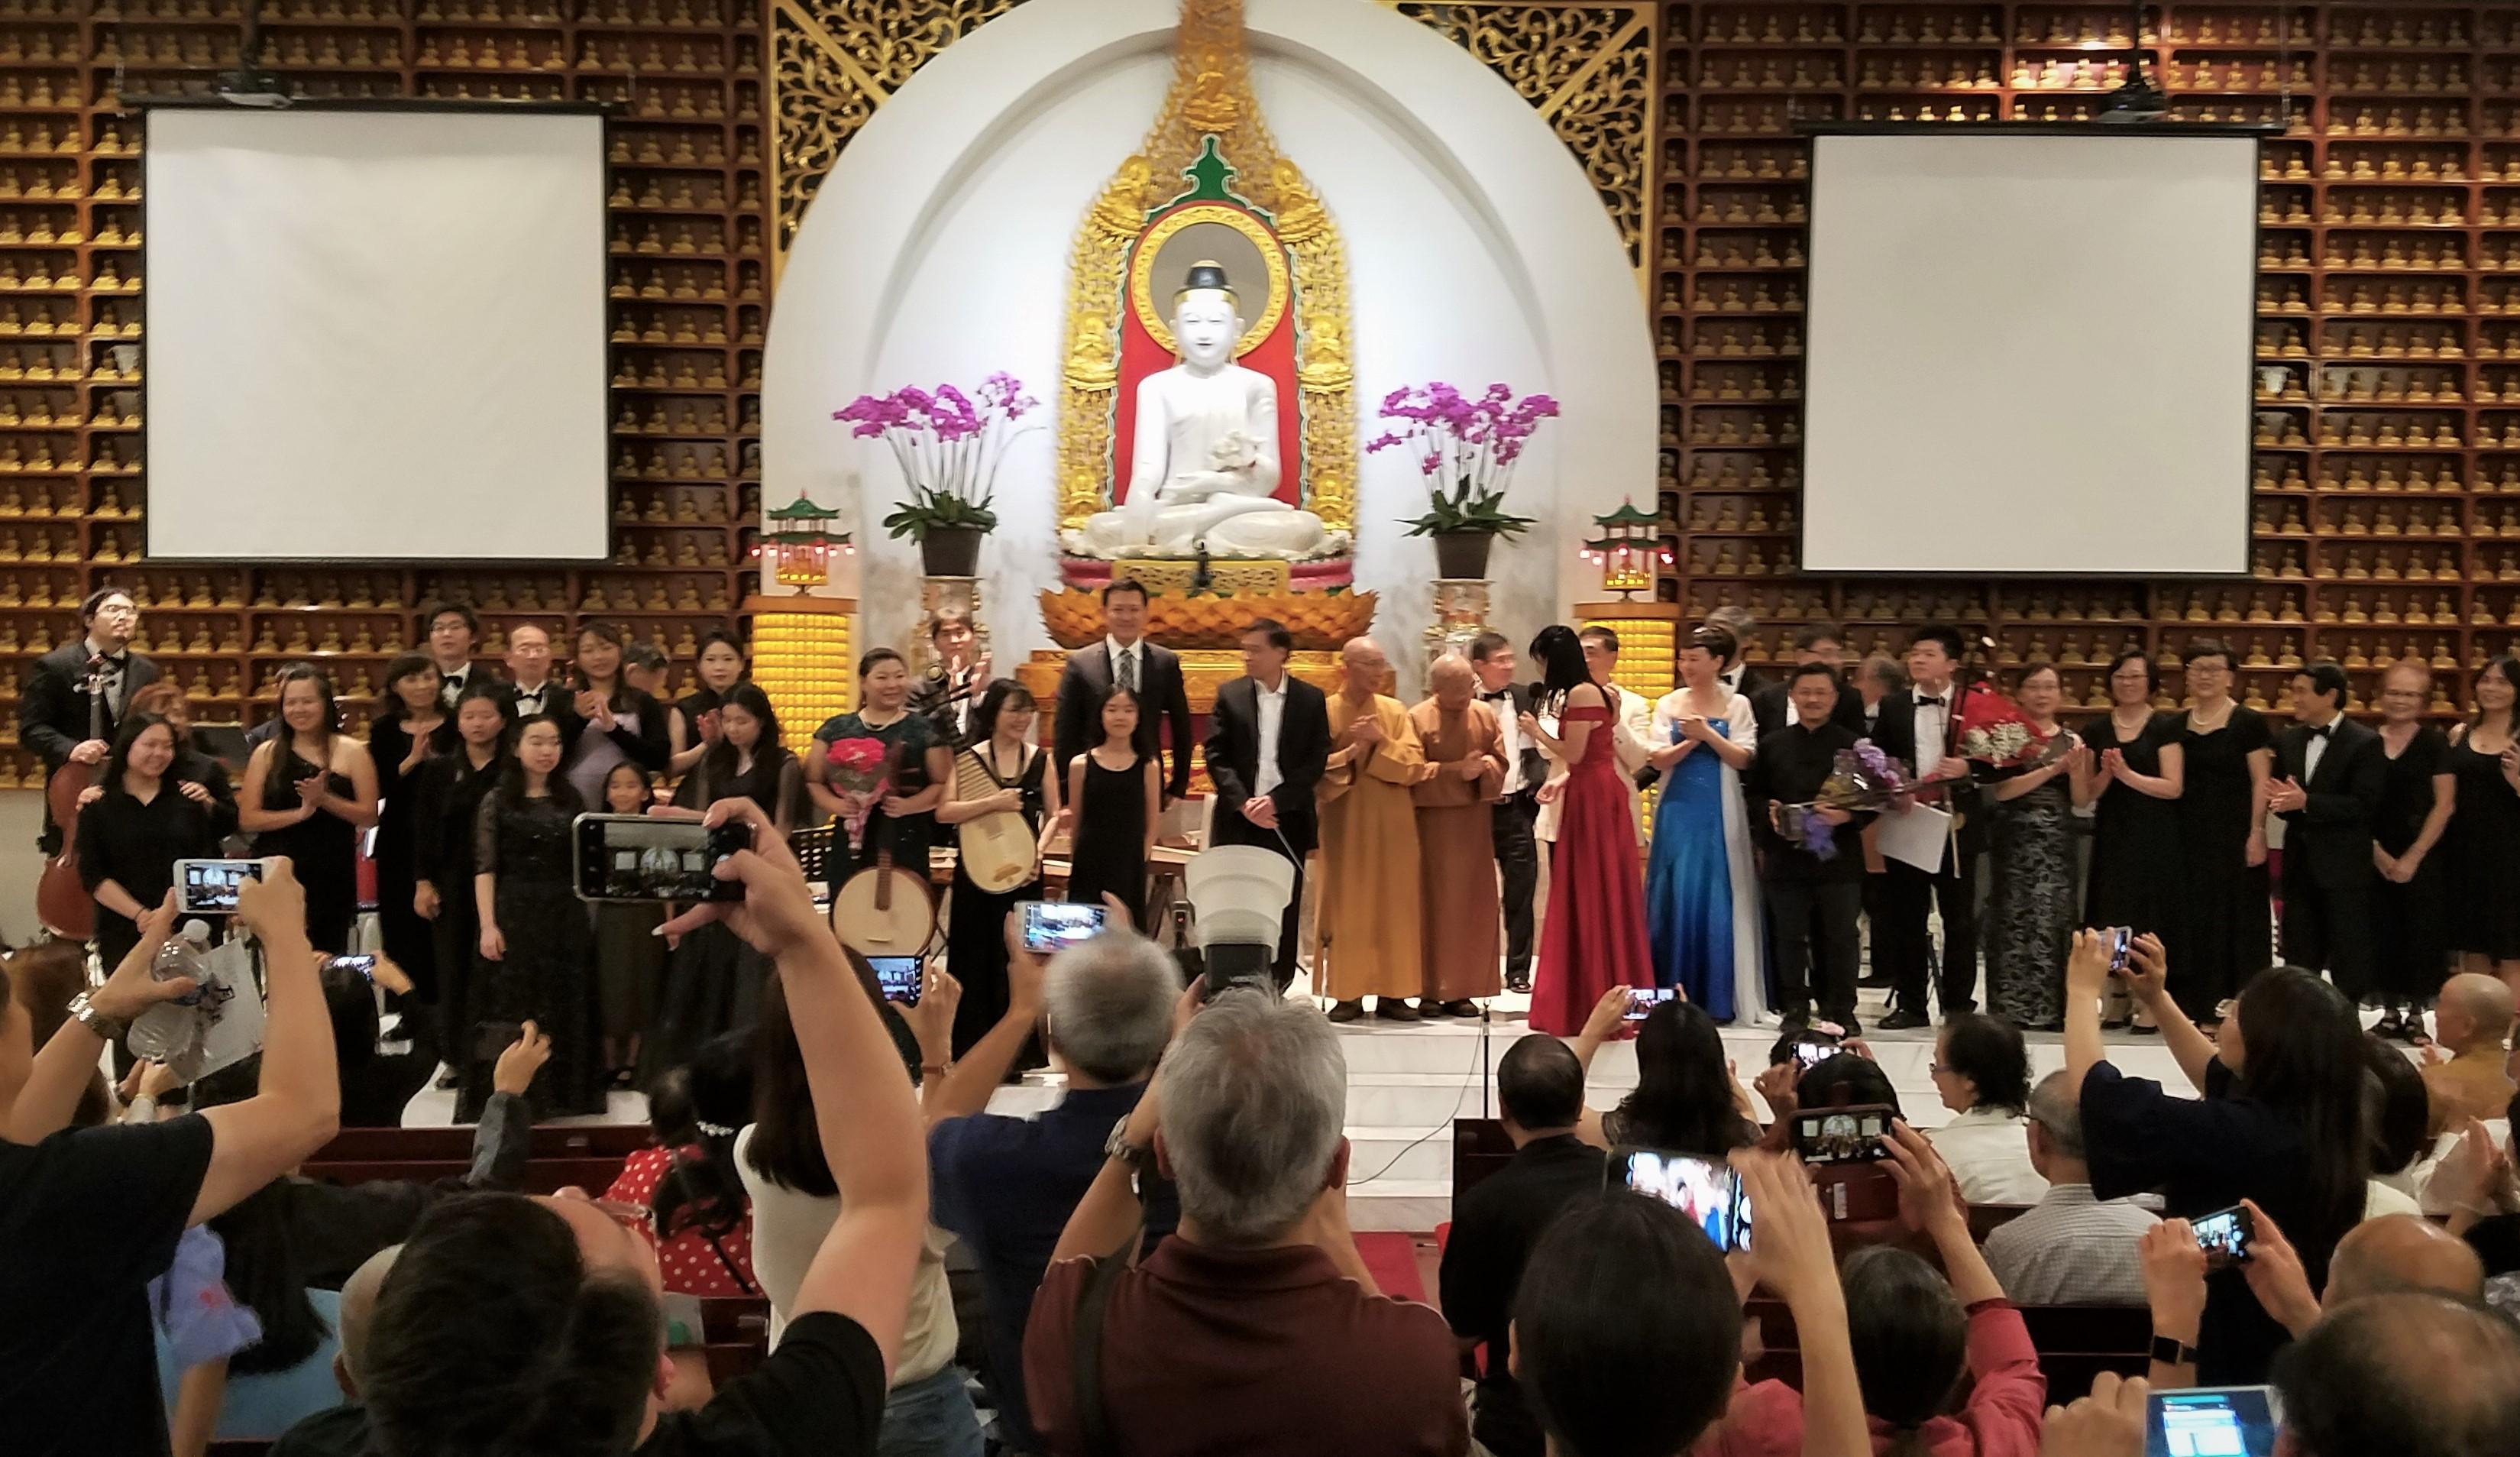 演出結束後德州佛教會法師們與演員合影。(德州佛教會提供)